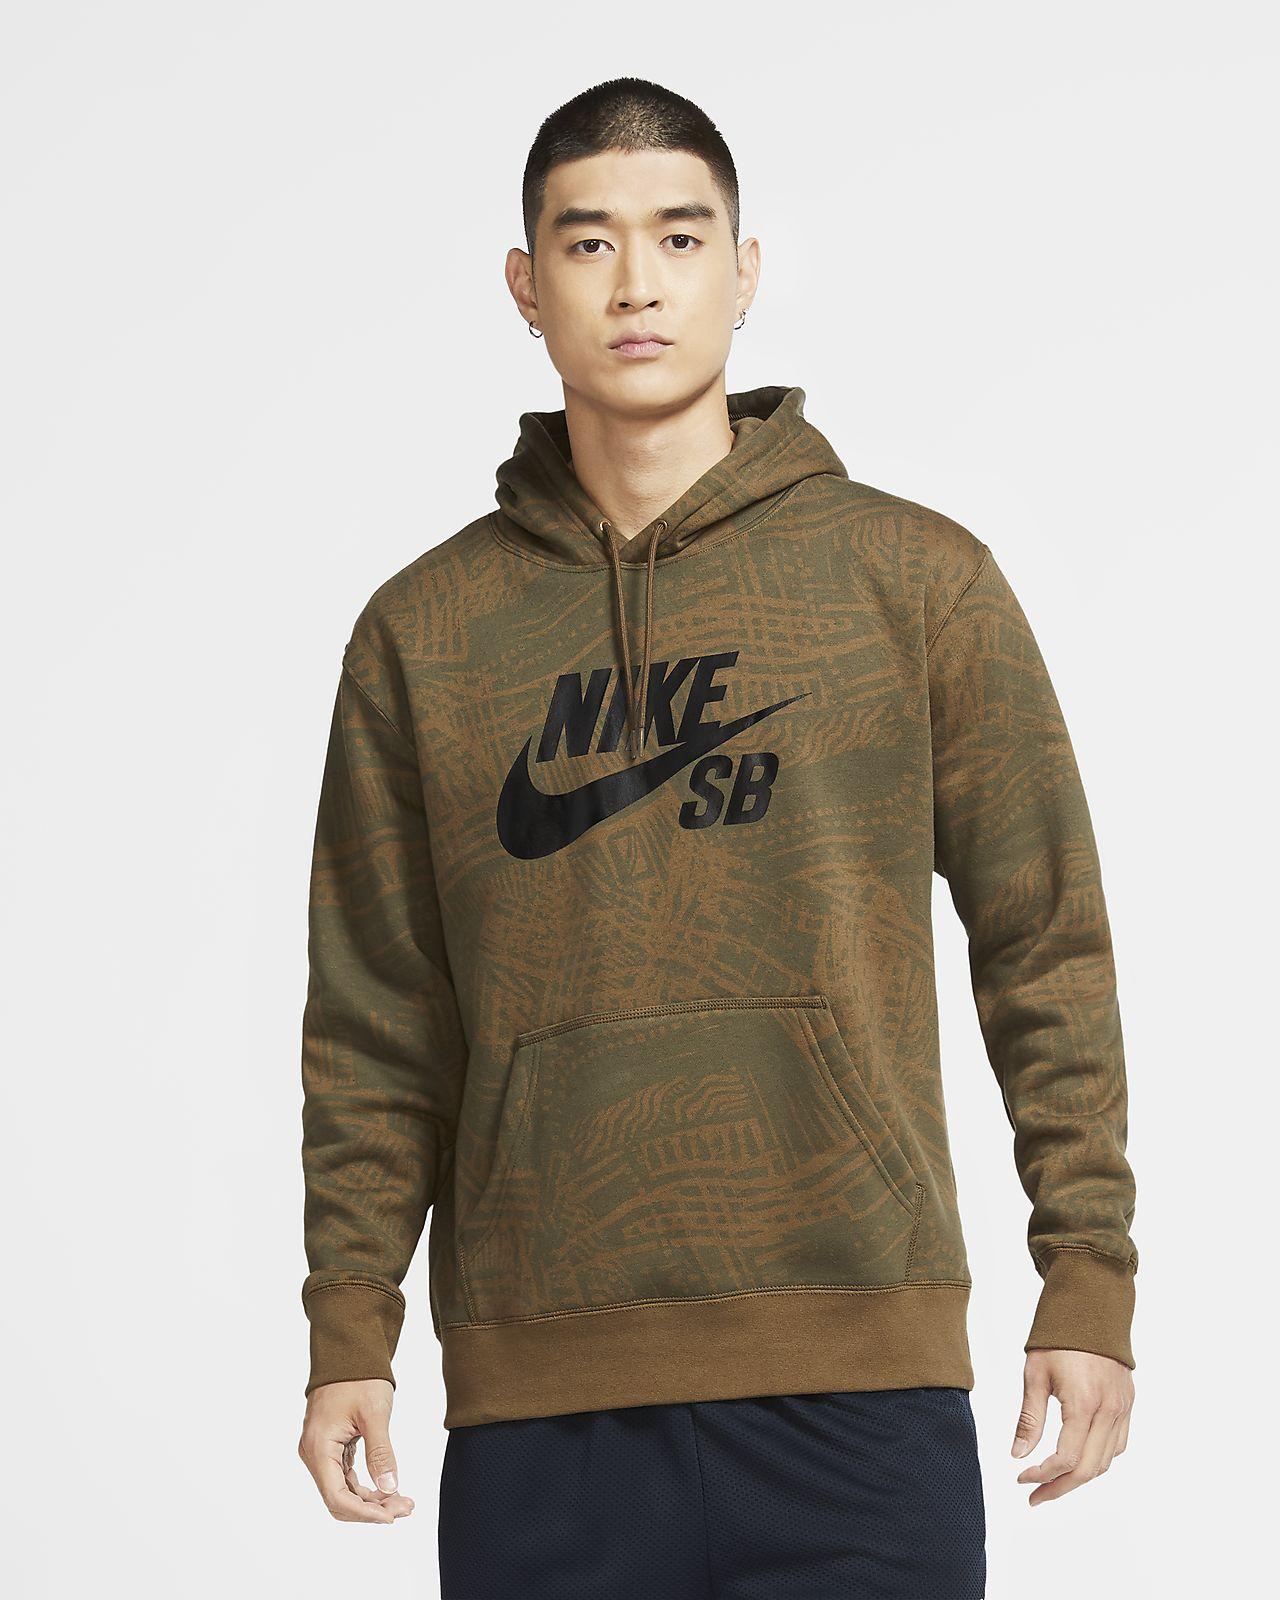 Nike SB Skate-Hoodie mit Print für Herren